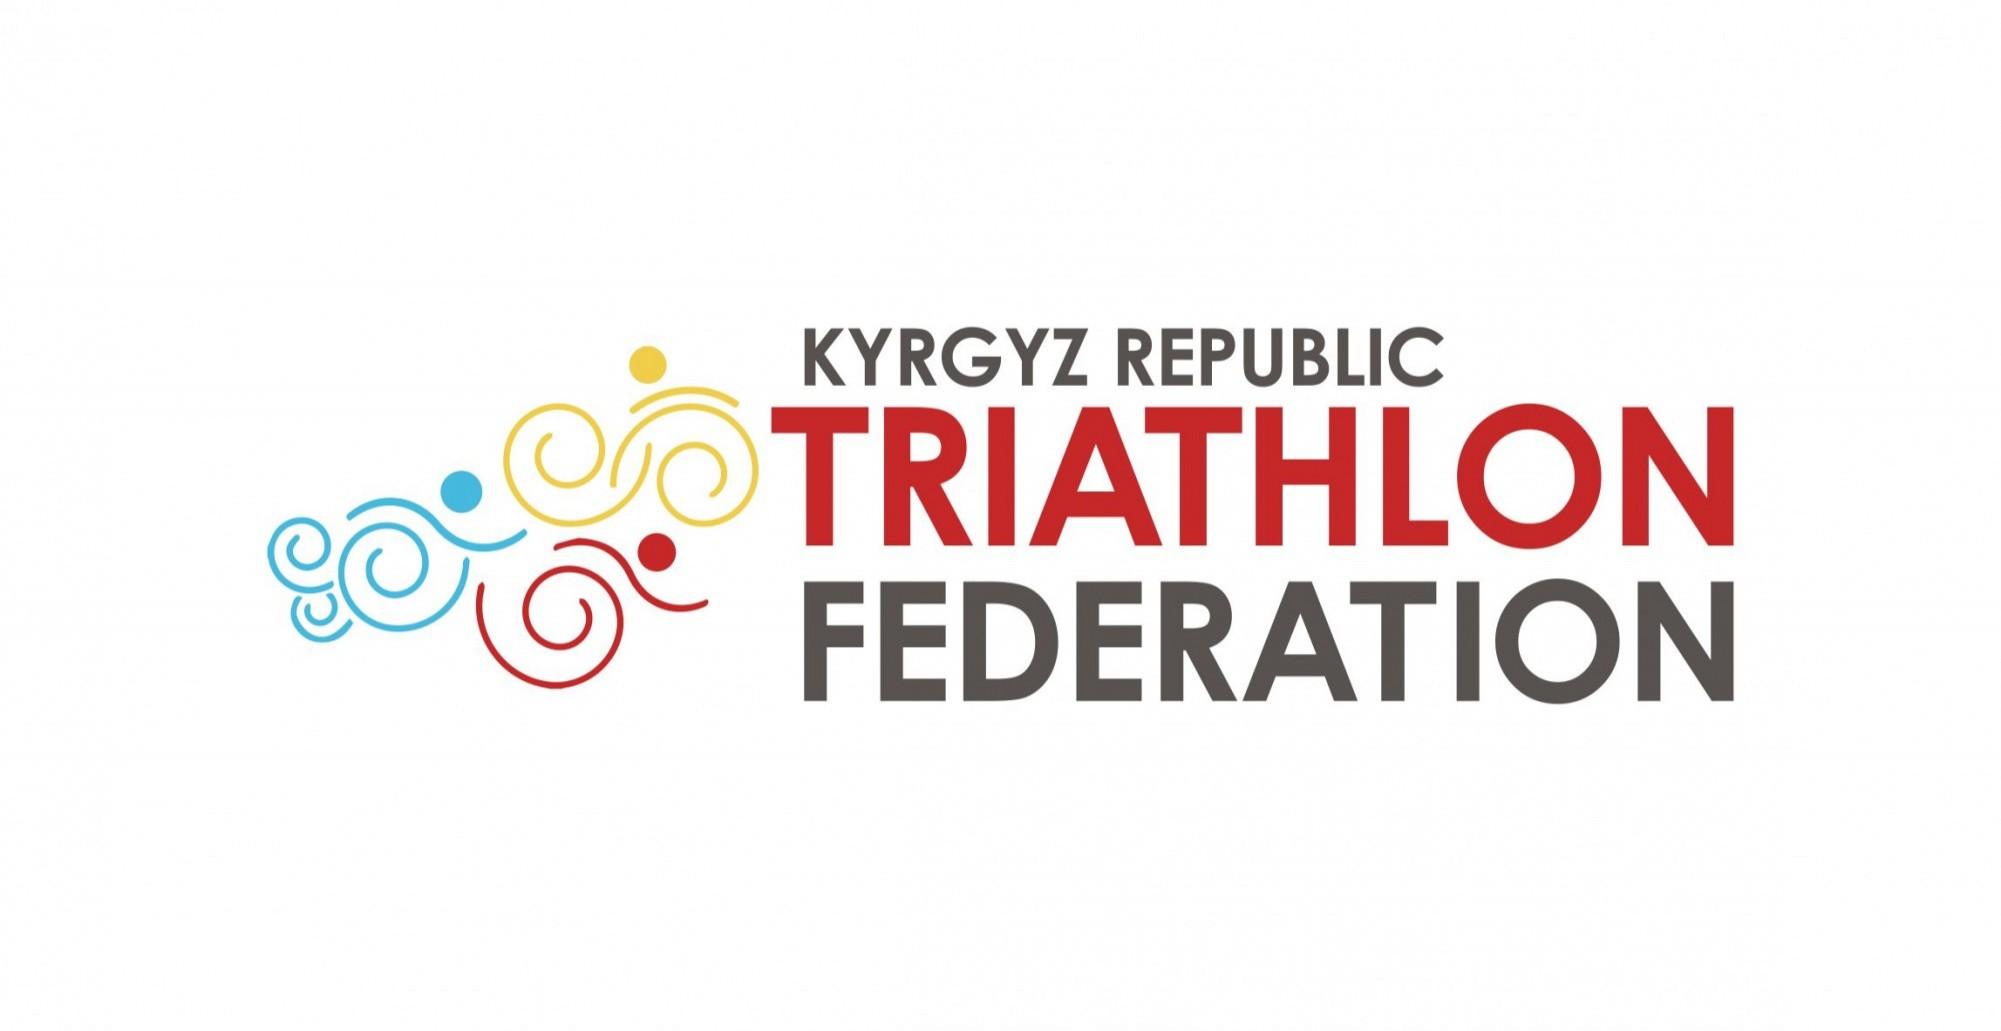 Kyrgyz Republic Triathlon Federation logo